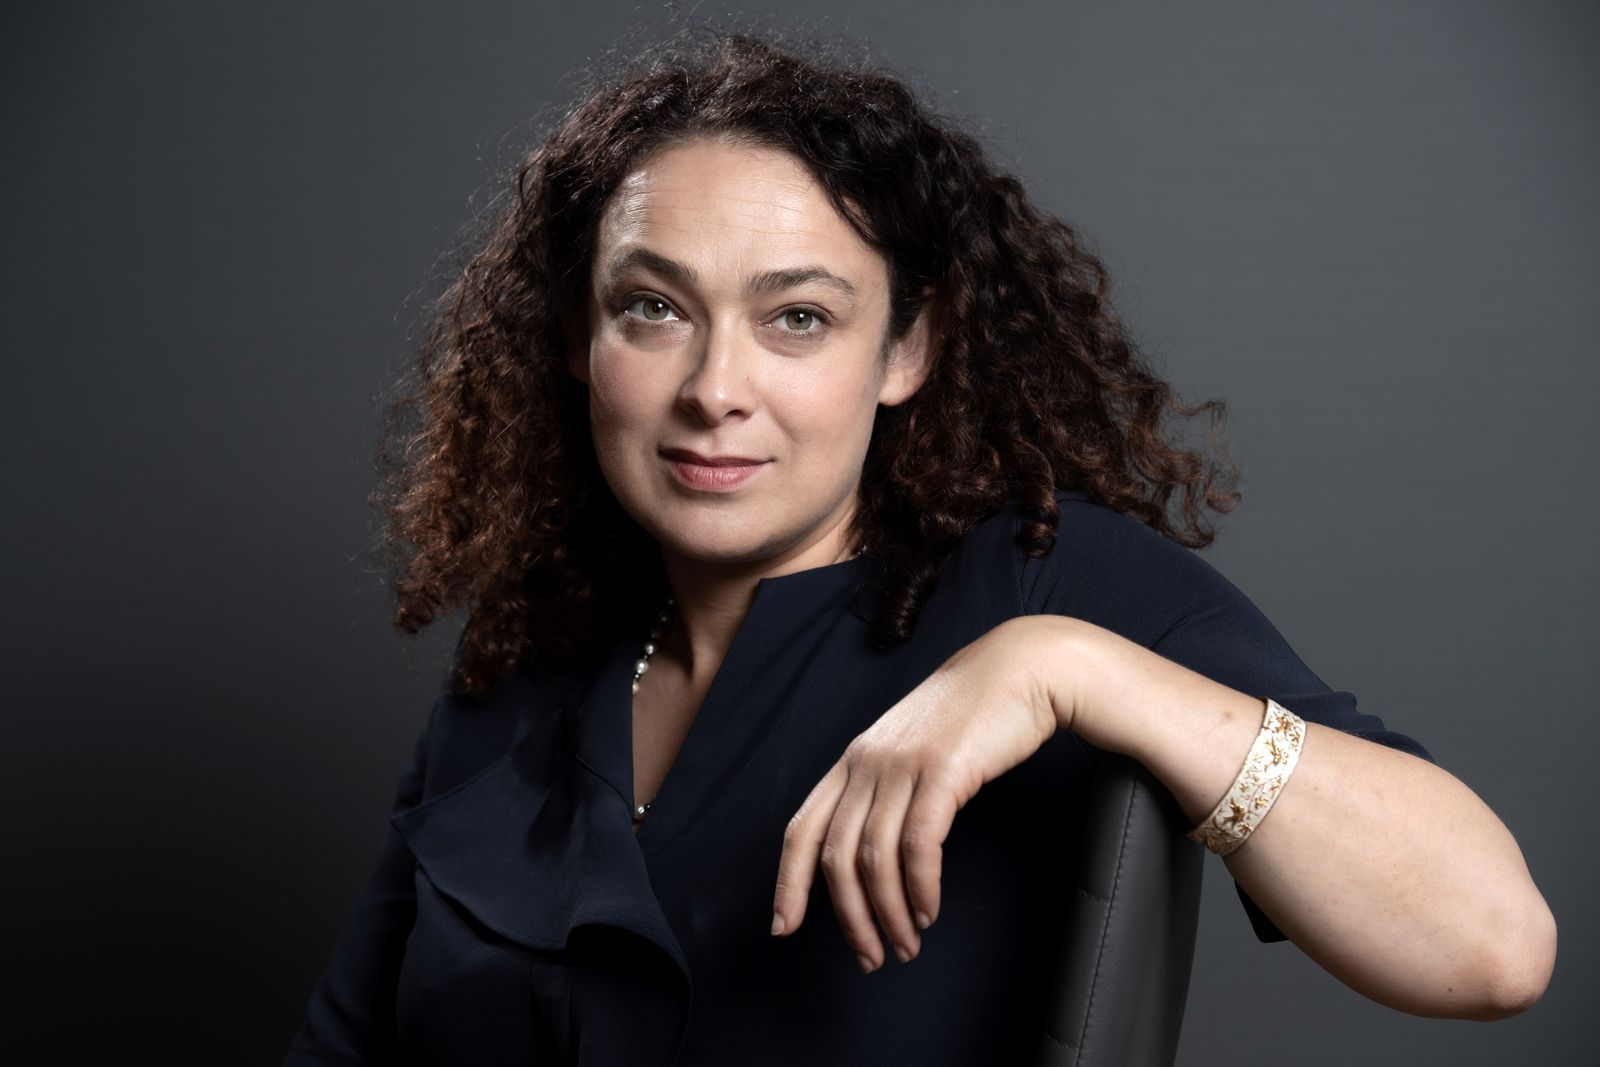 FRANCE-RELIGION-JUDAISM-WOMEN-PORTRAIT